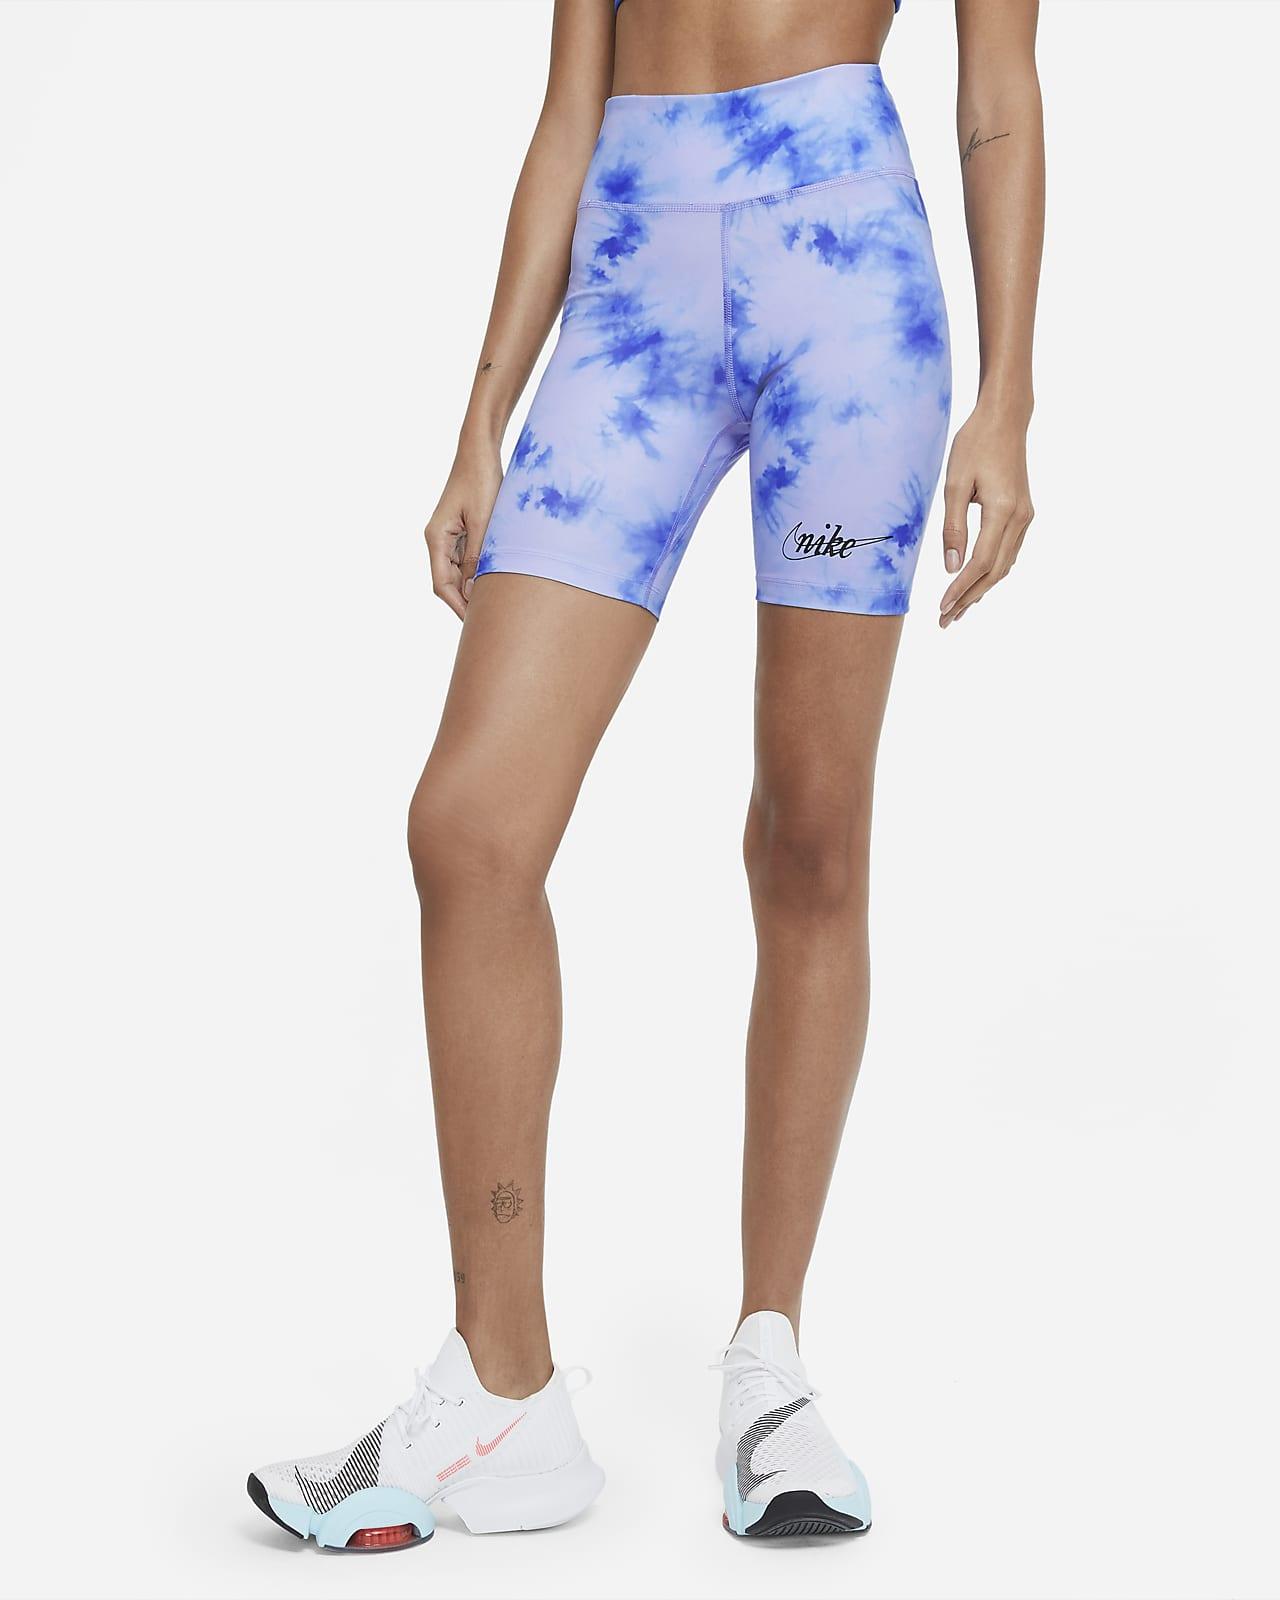 Nike One Women's Tie-Dye Shorts